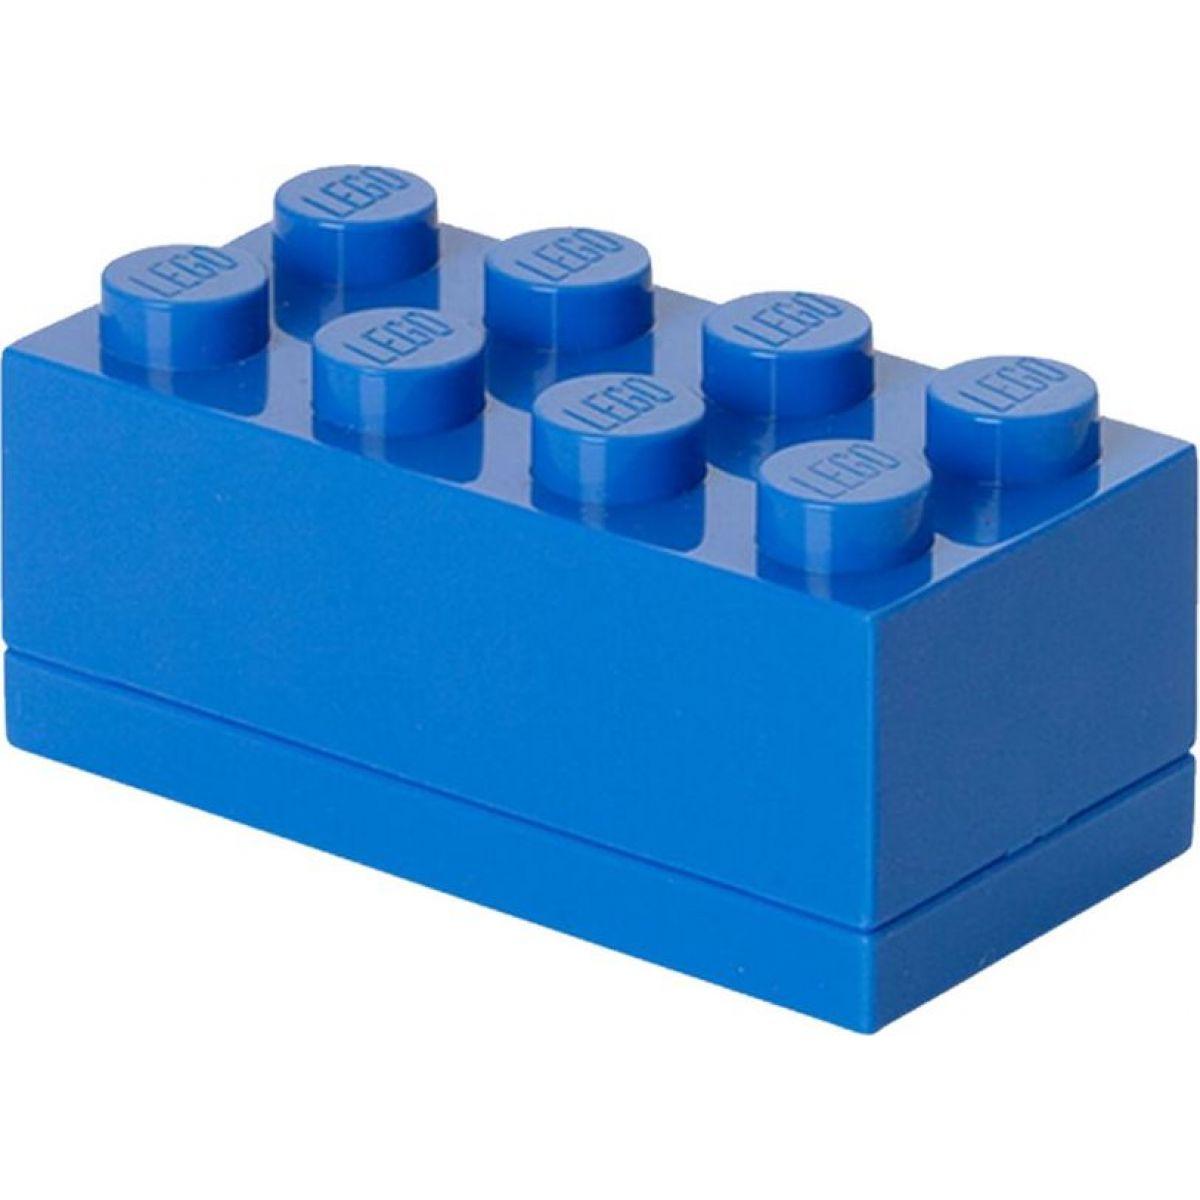 LEGO Mini Box 4,6x9,3x4,3cm Modrá